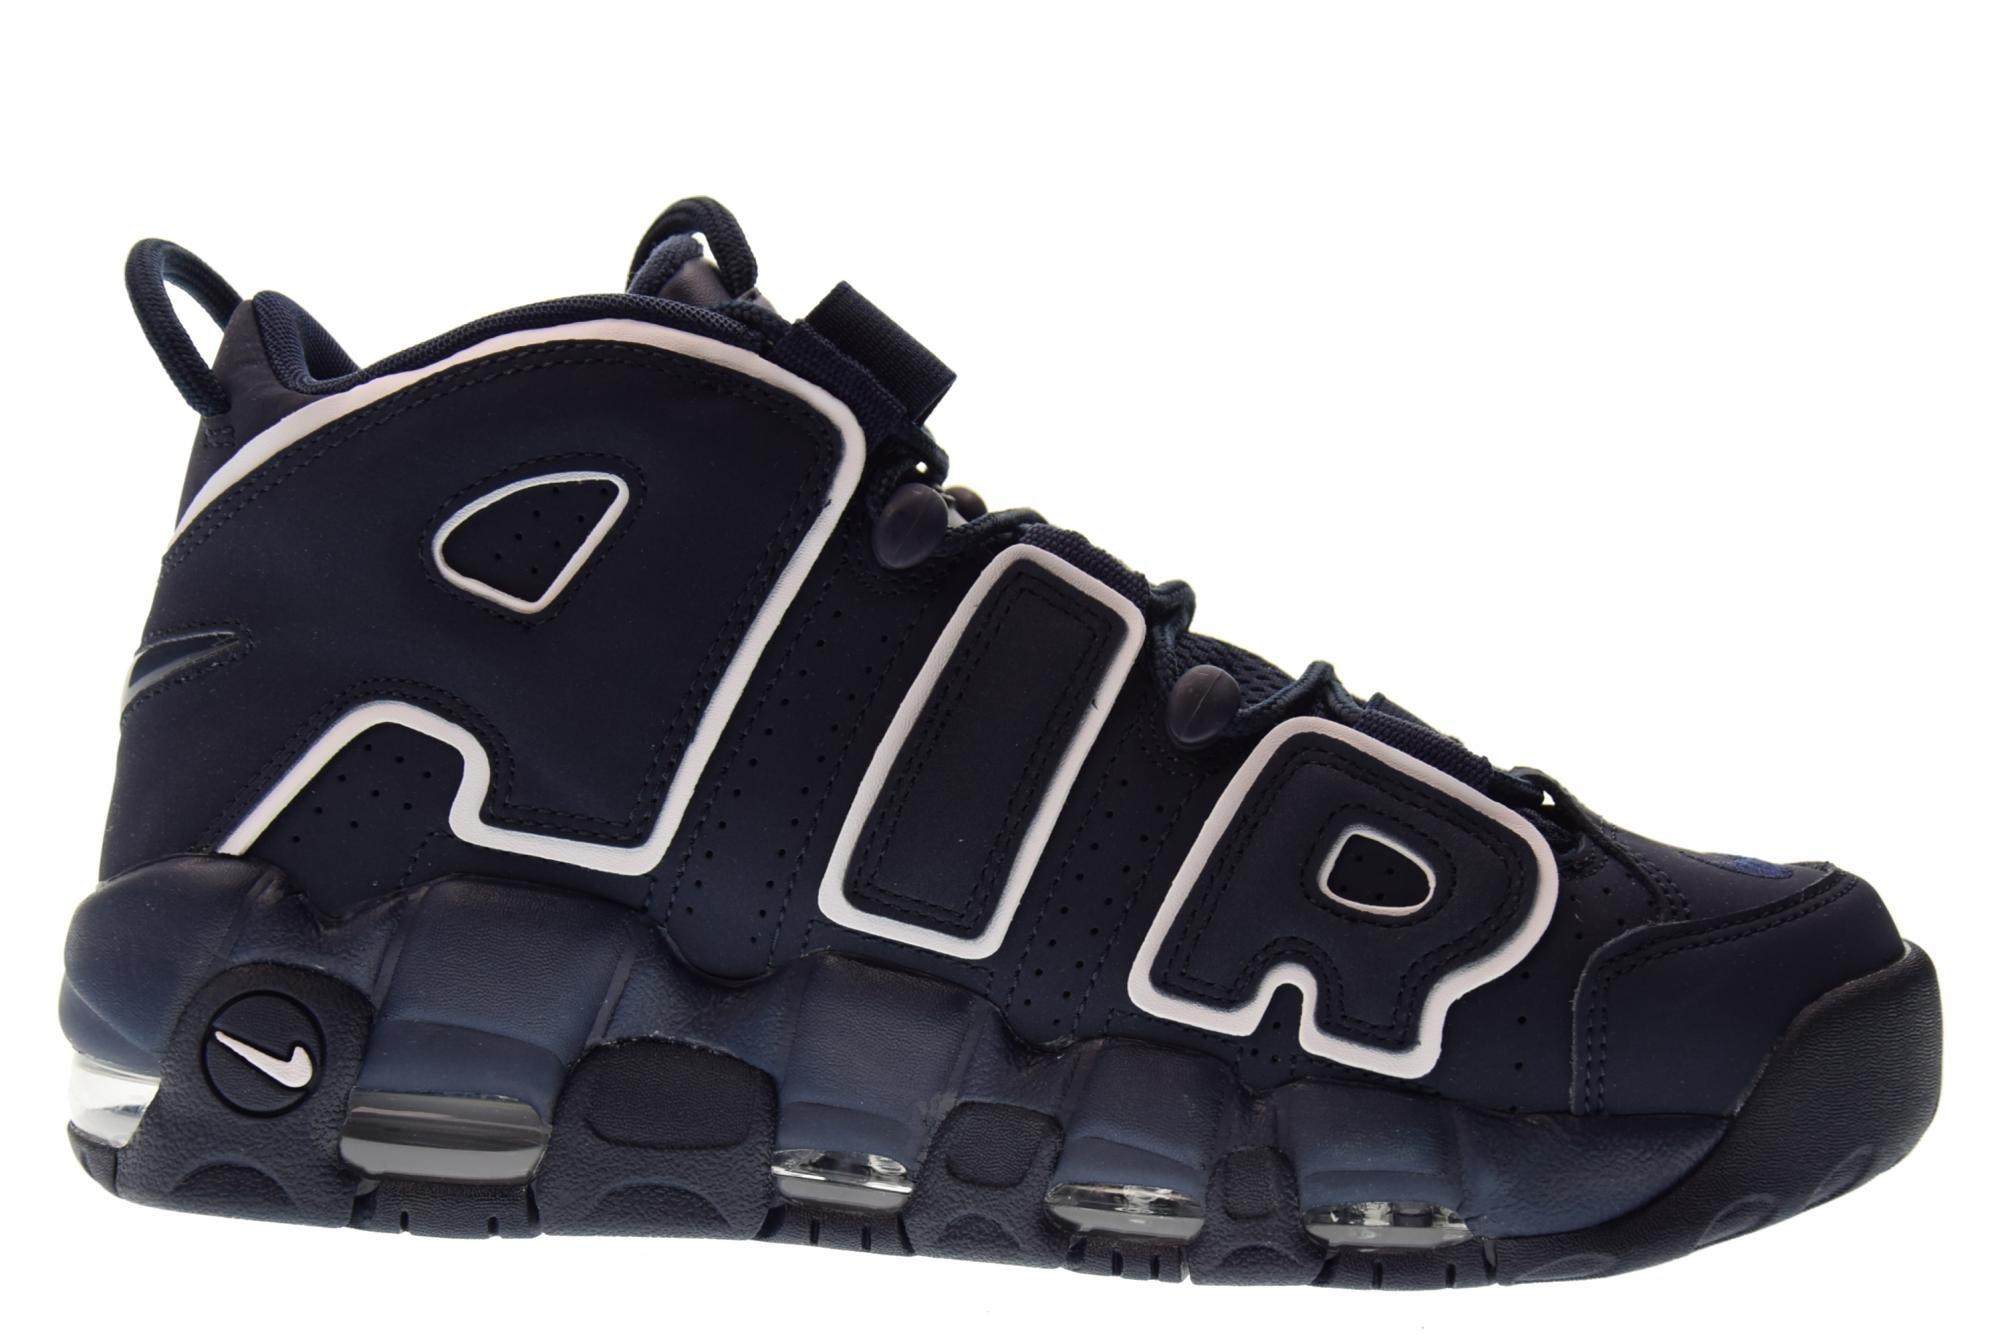 71d5EMHpWXL - Nike Men's Air Huarache International Running Shoes